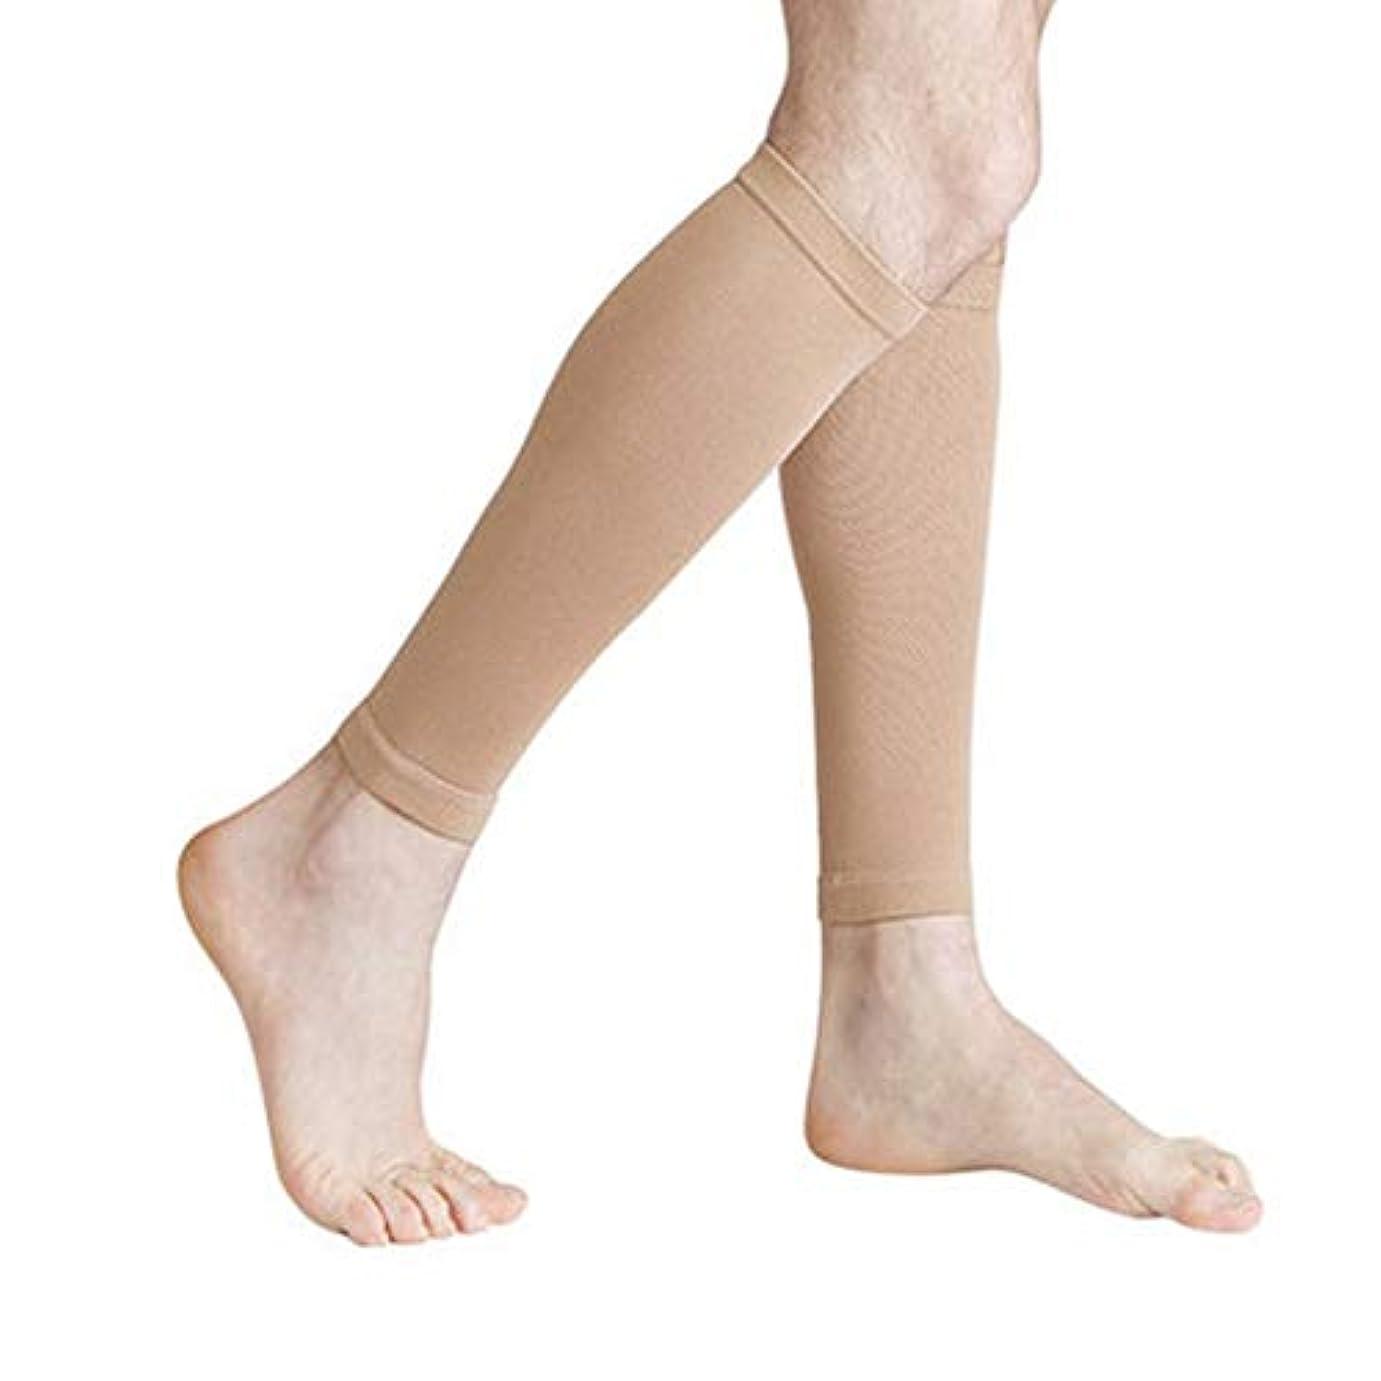 ストリップ居心地の良い文献丈夫な男性女性プロの圧縮靴下通気性のある旅行活動看護師用シントスプリントフライトトラベル - 肌色